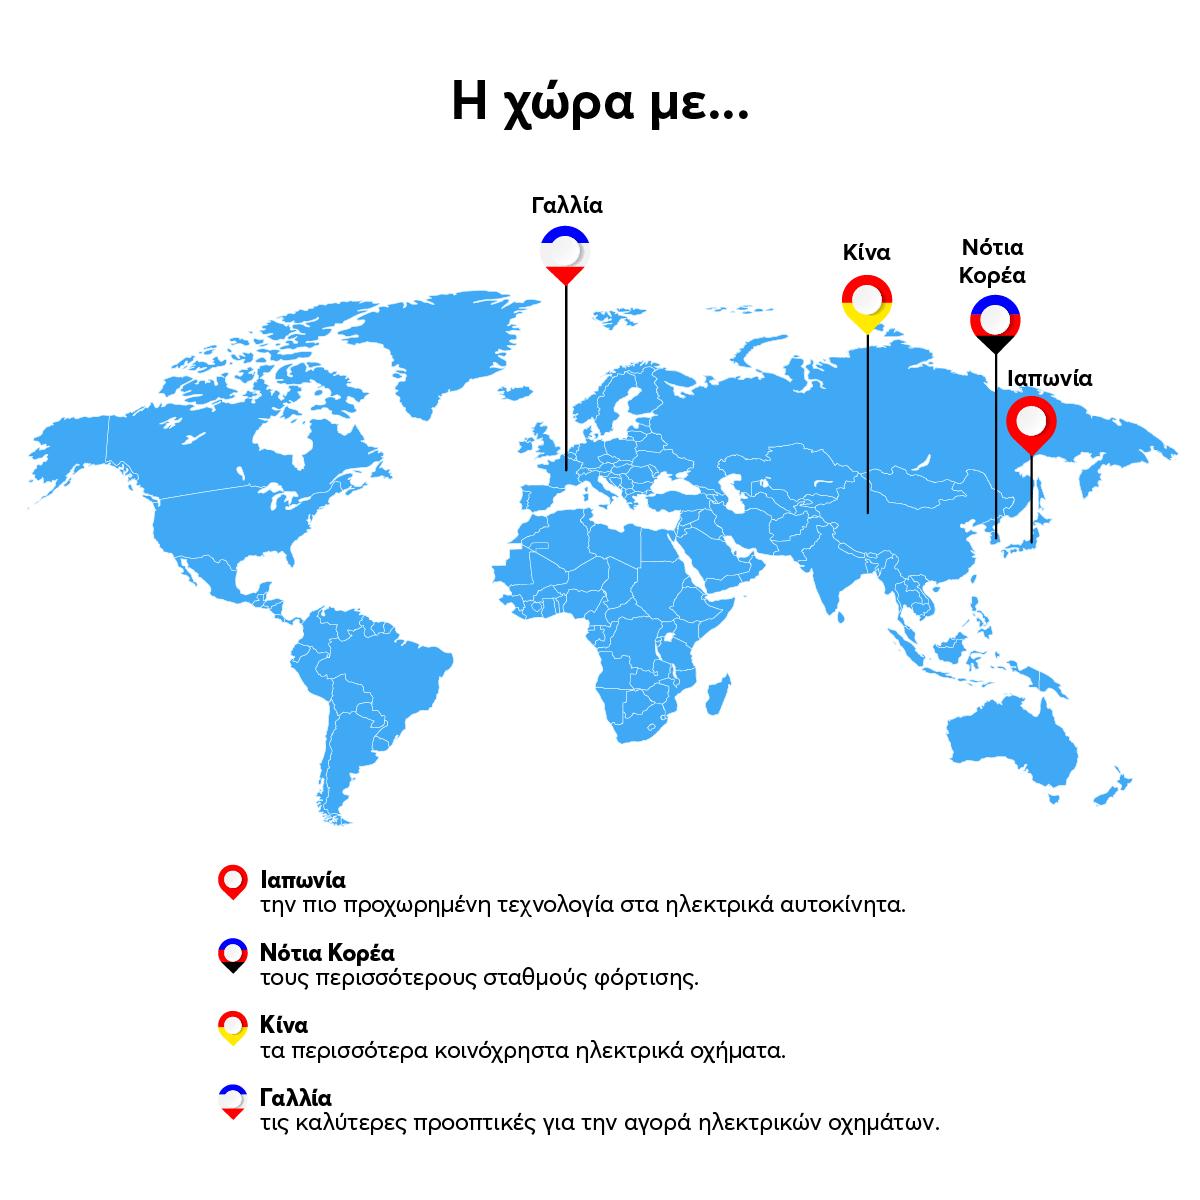 παγκόσμιος χάρτης με 'έμφαση στις χώρες που έχουν τις καλύτερες επιδόσεις σχετικά με την ηλεκτροκίνηση